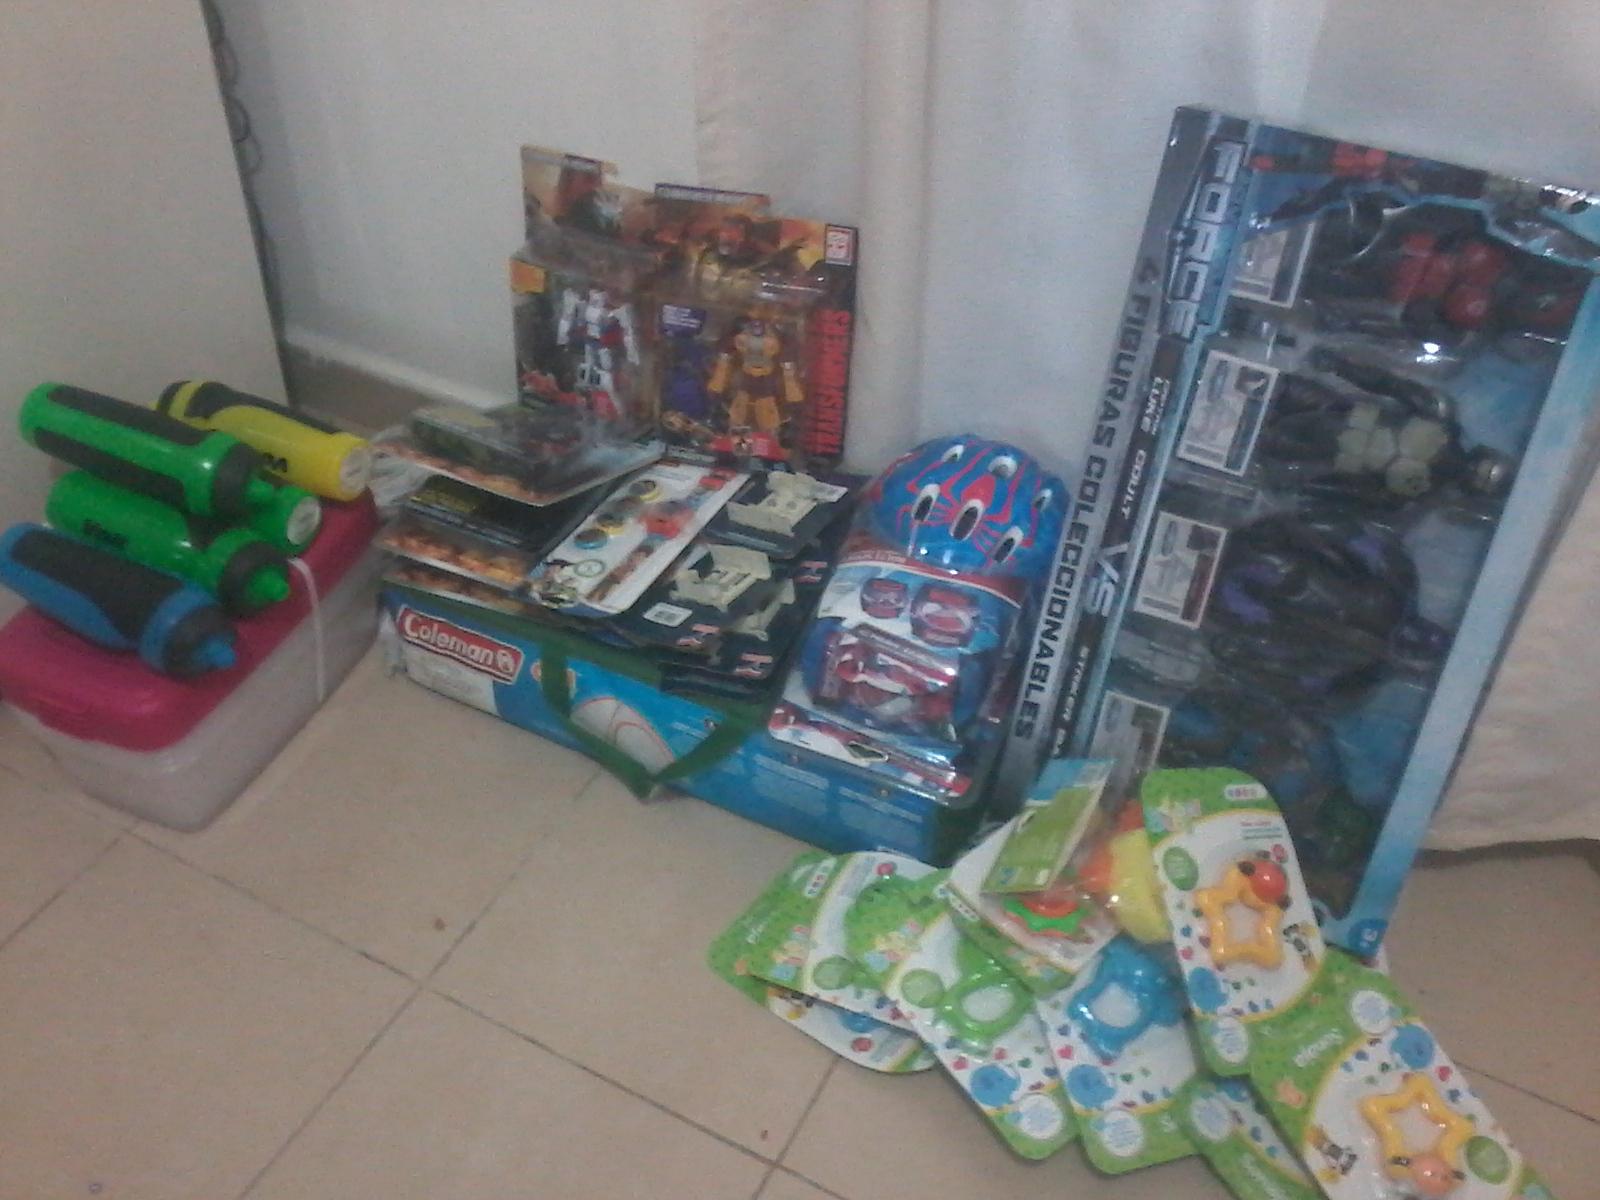 Bodega Aurrerá: Casa de Campaña Coleman para 3 personas 149.01 y Promoconsejos liquidaciones